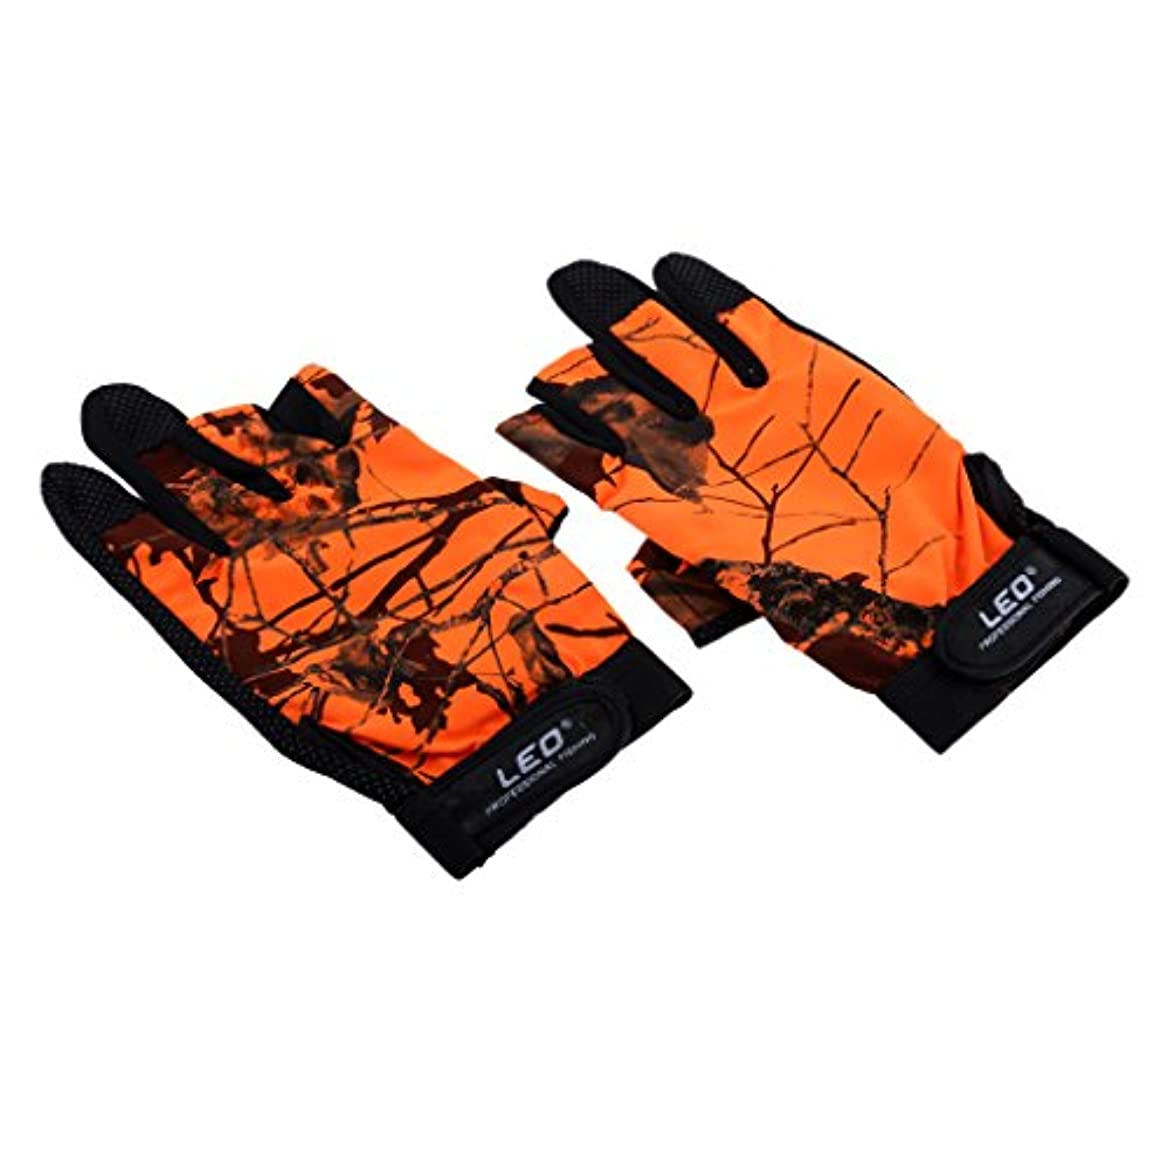 ネックレットサラダこんにちはSunniMix グローブ 柄 3本指  出し 冬春用 釣り用 手袋  防寒 滑り止め  防水 通気性 全4色